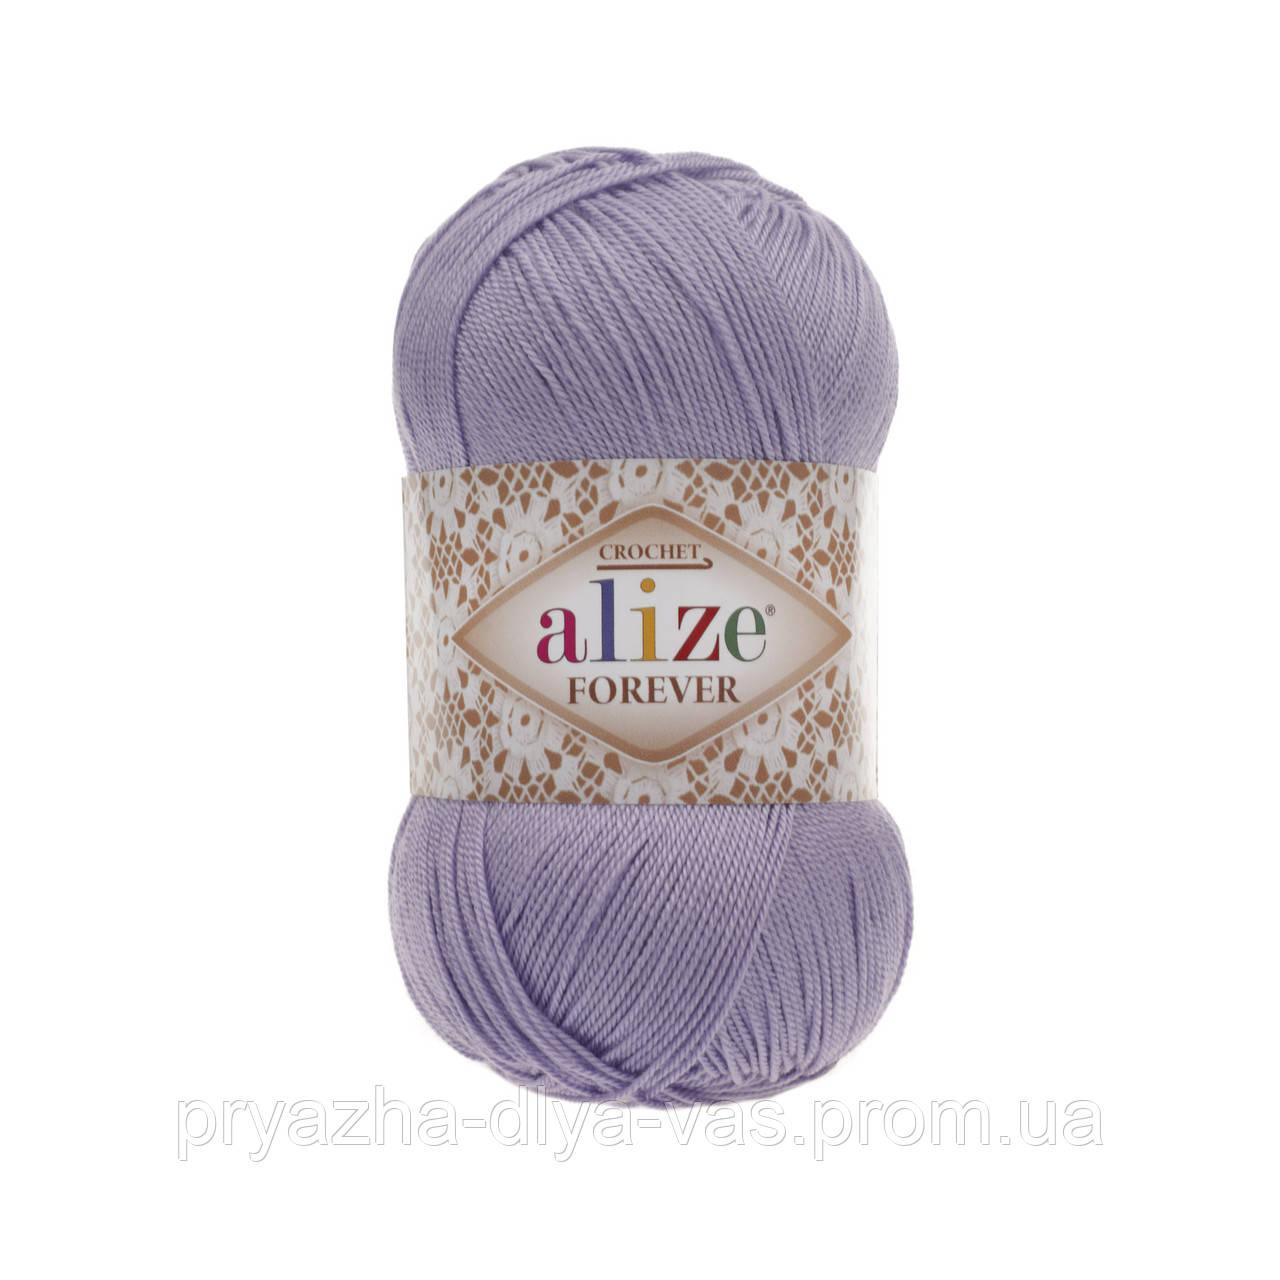 Летняя акриловая пряжа (100% микрофибра; 50г/300м) Alize Forever 158(лиловый)